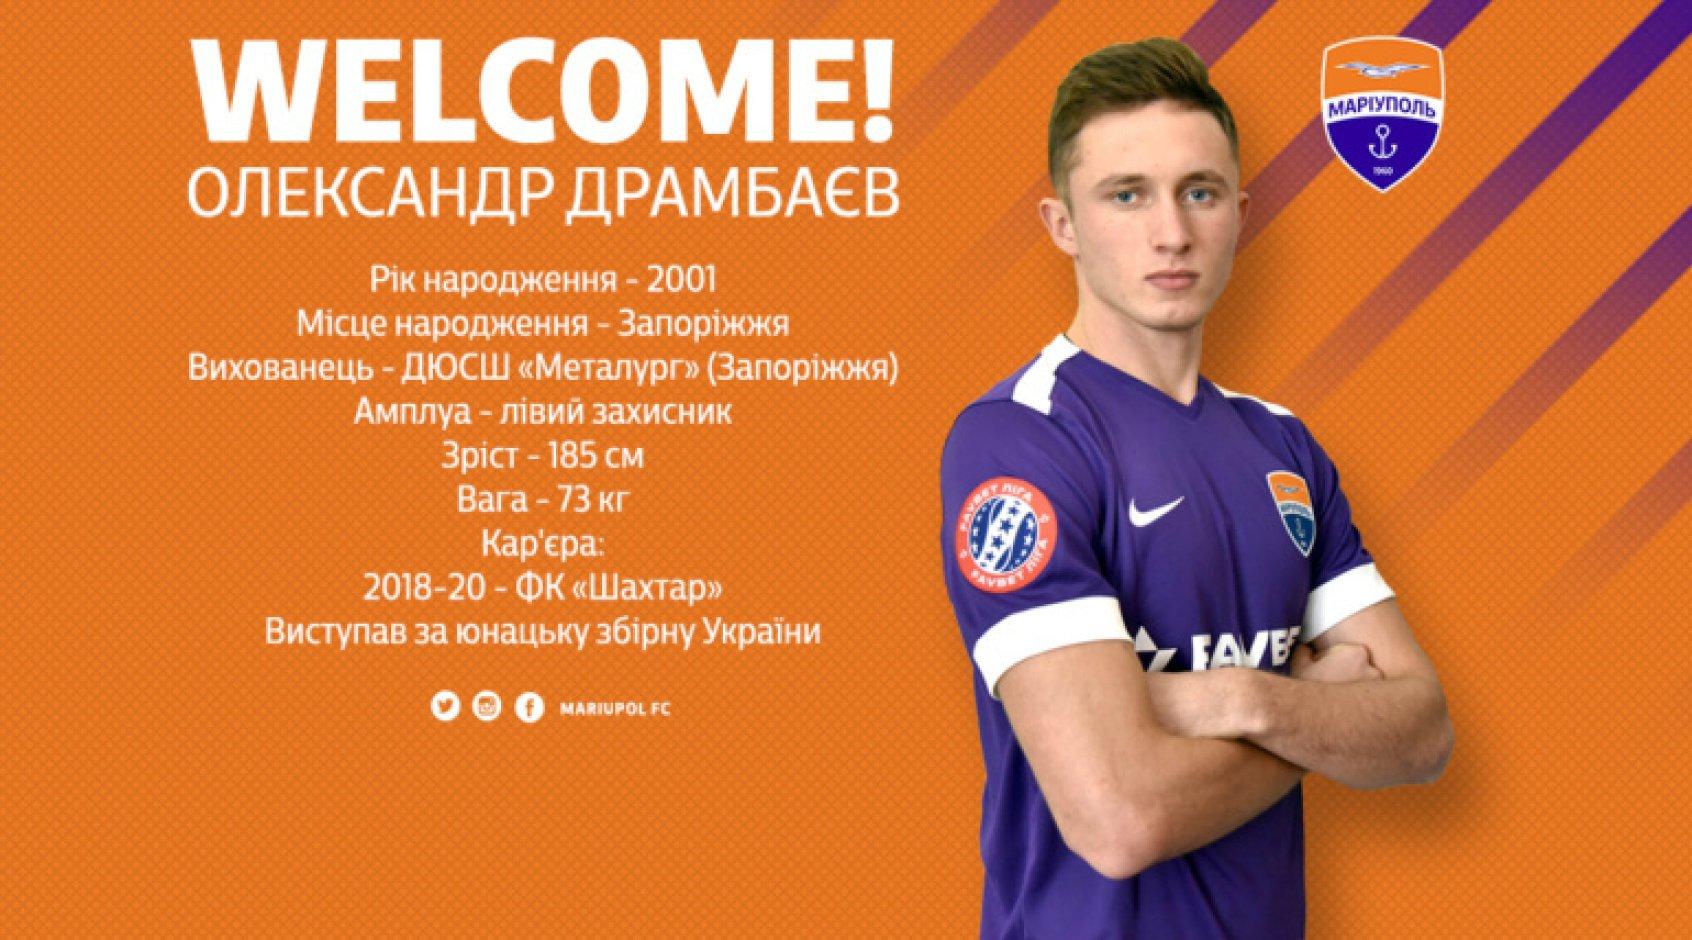 Александр Драмбаев